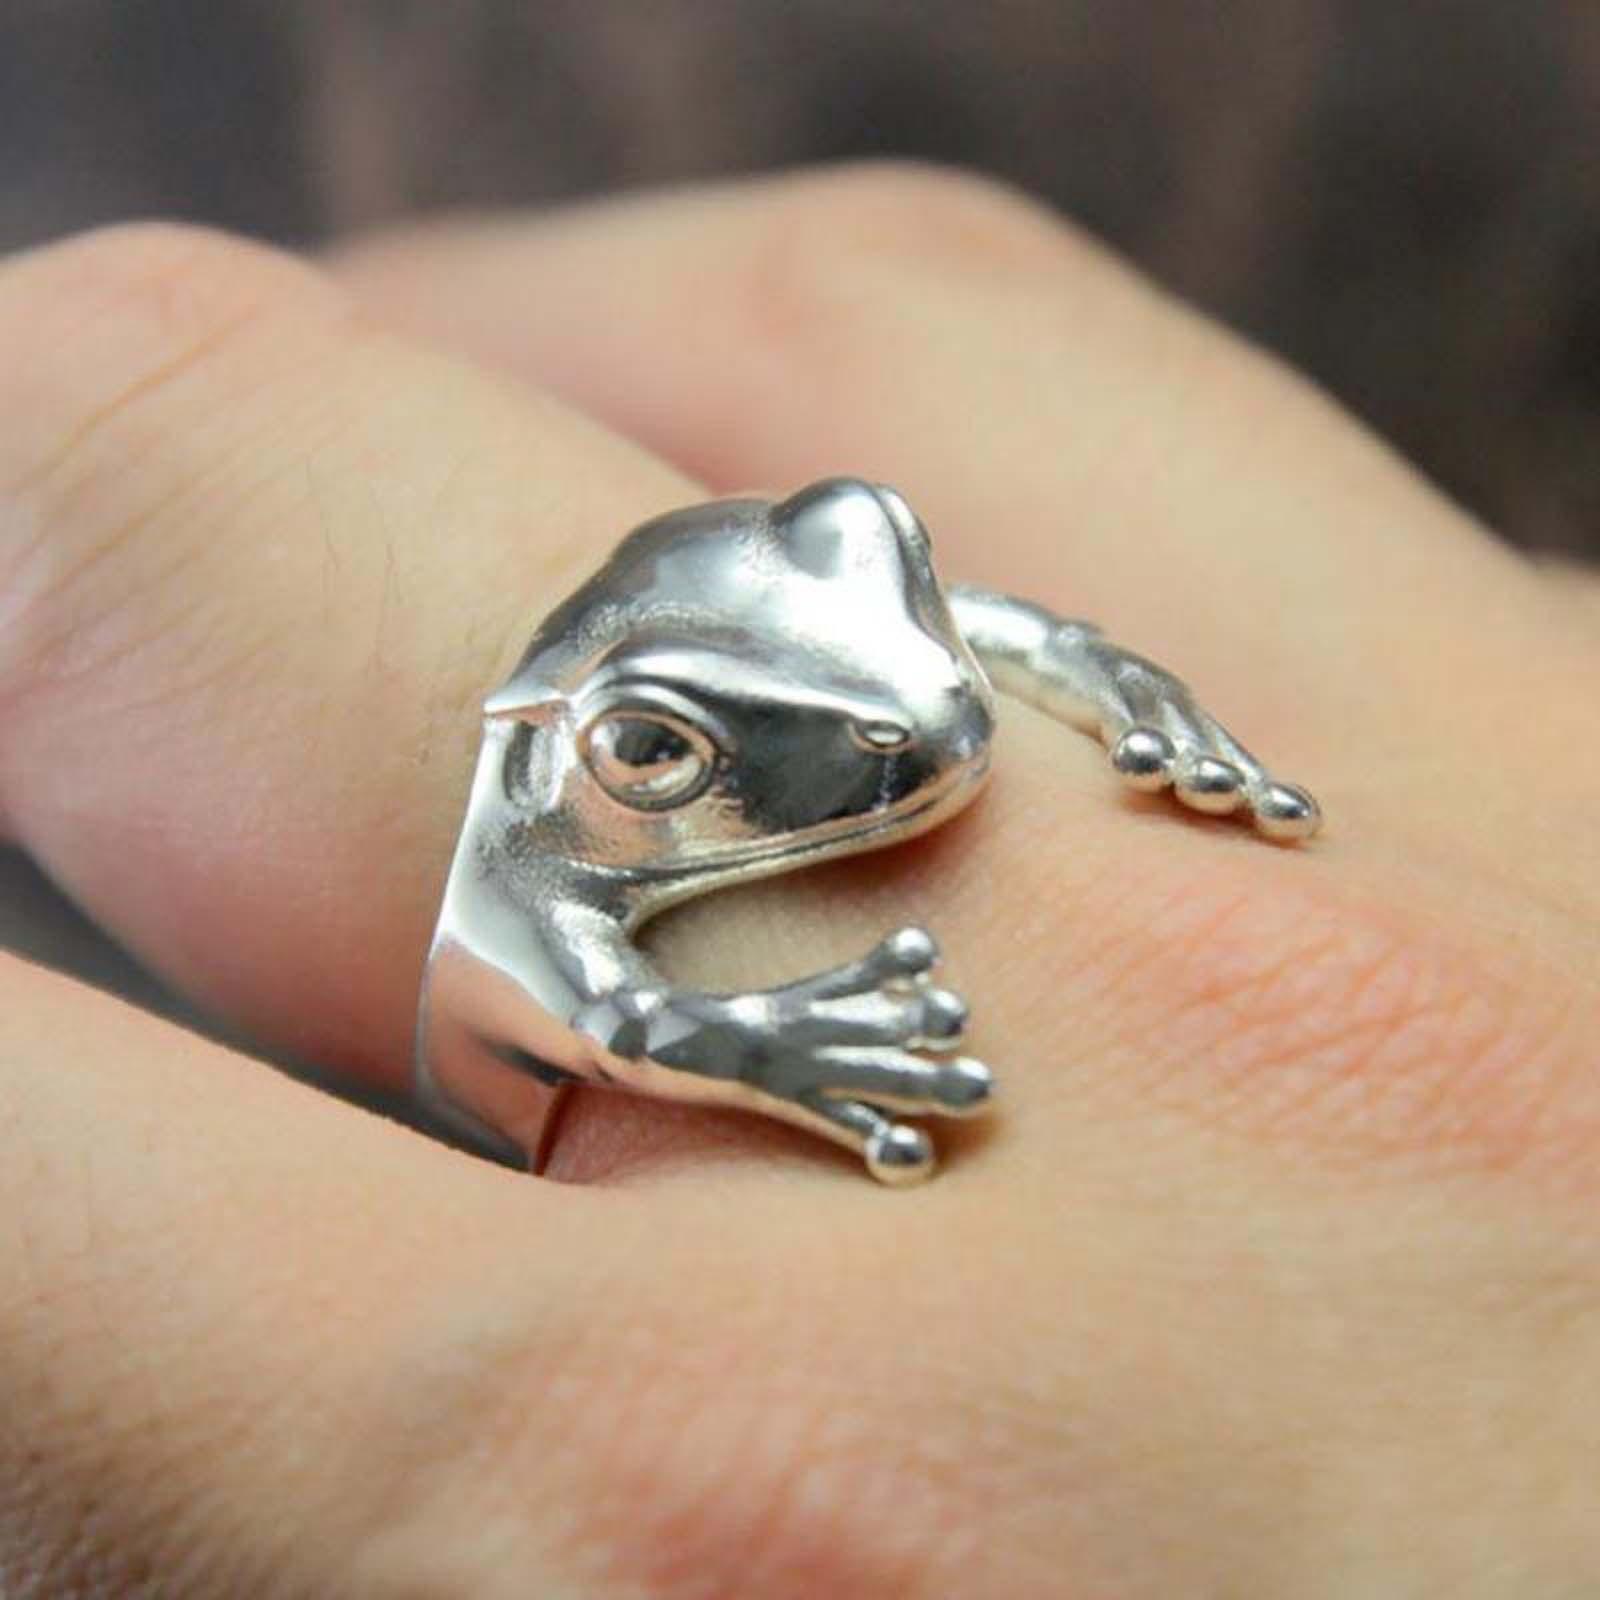 Женское кольцо в стиле ретро, регулируемое кольцо в виде лягушки, ювелирное изделие в готическом стиле, креативный дизайн